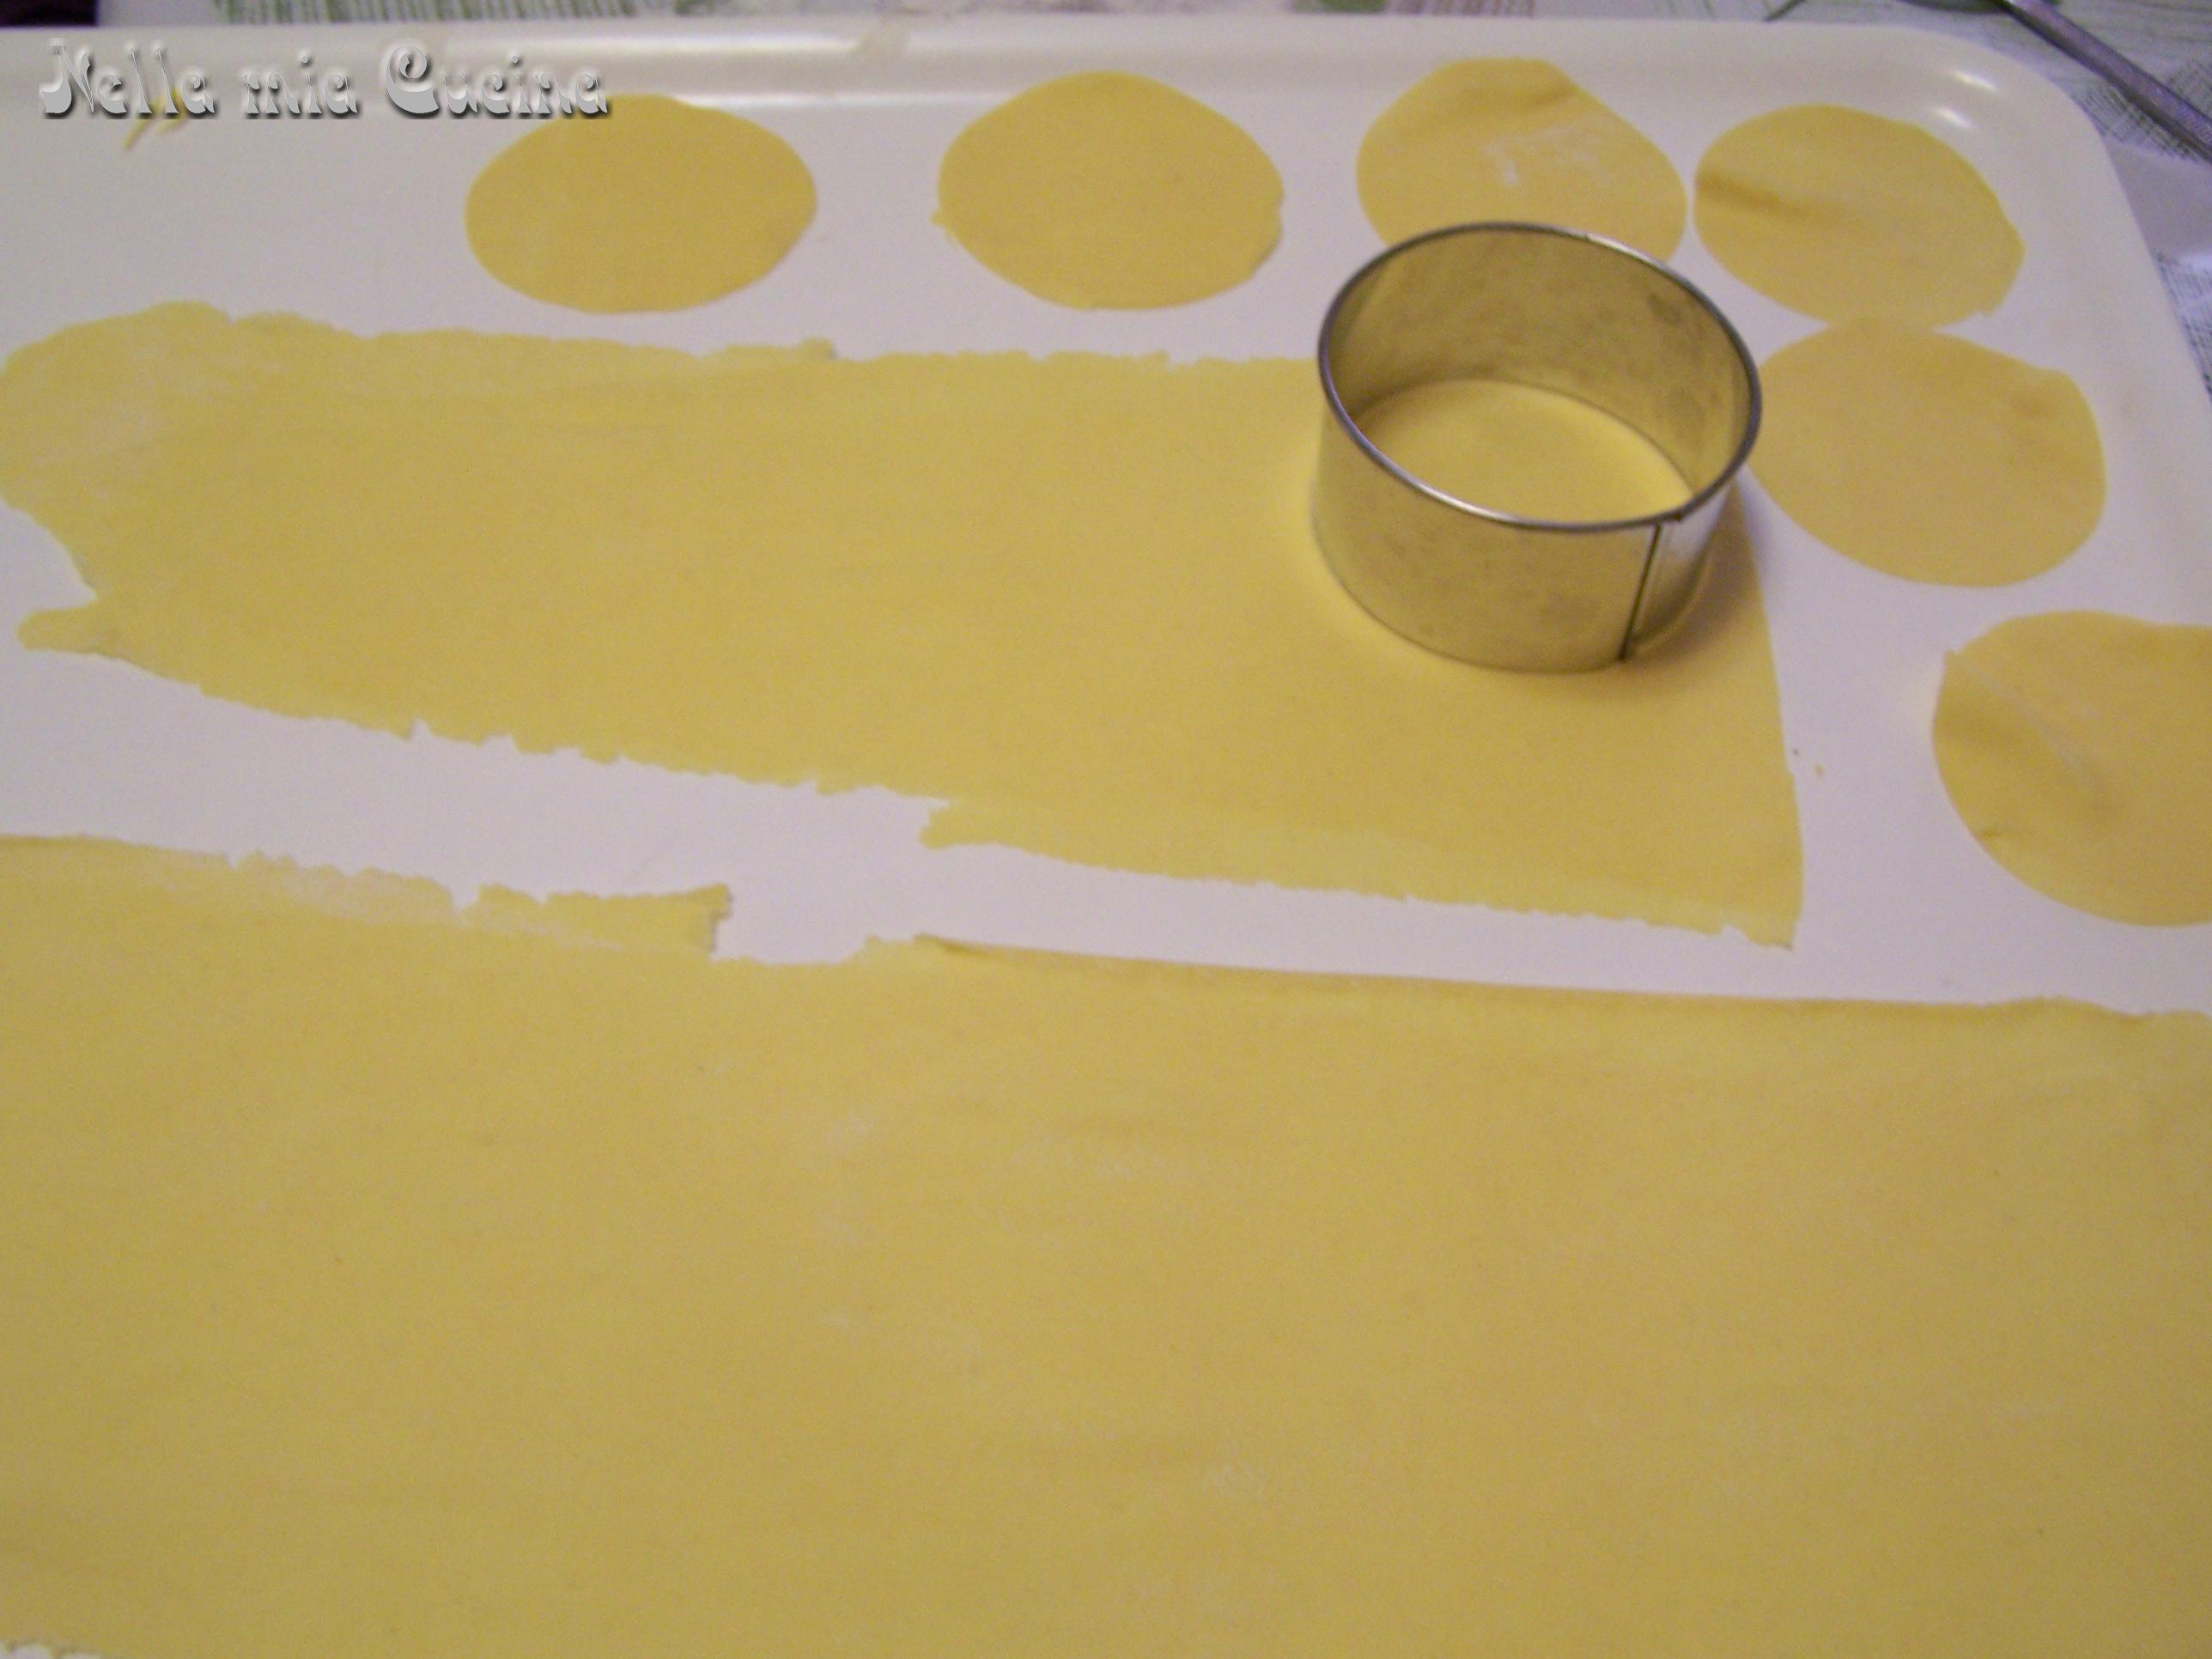 con un coppa pasta incidere dei cerchi e posizionare al centro un cucchiaino di purea di zucca